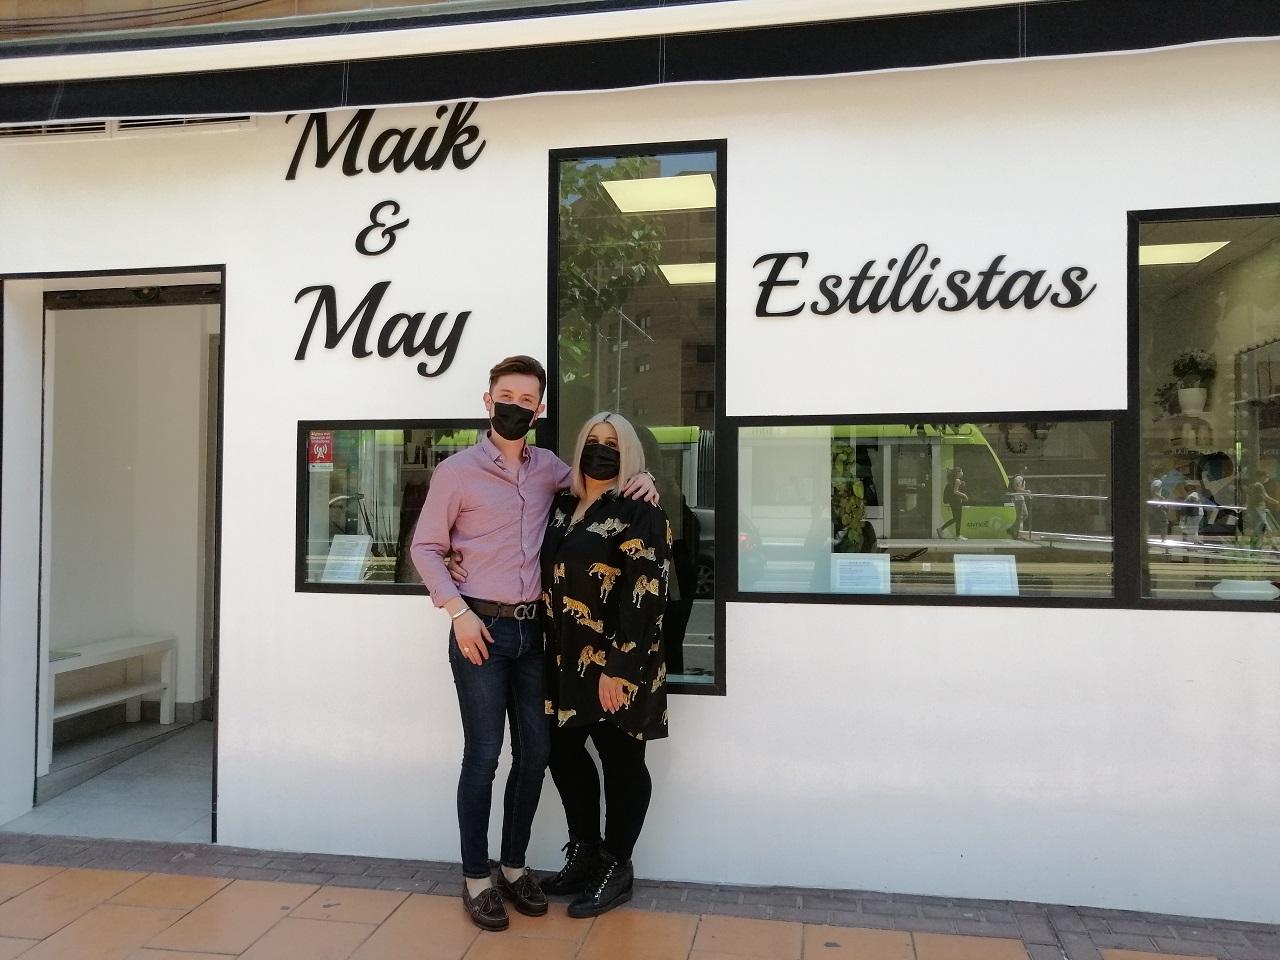 Maik & May, la cooperativa que revoluciona el mundo de la estética